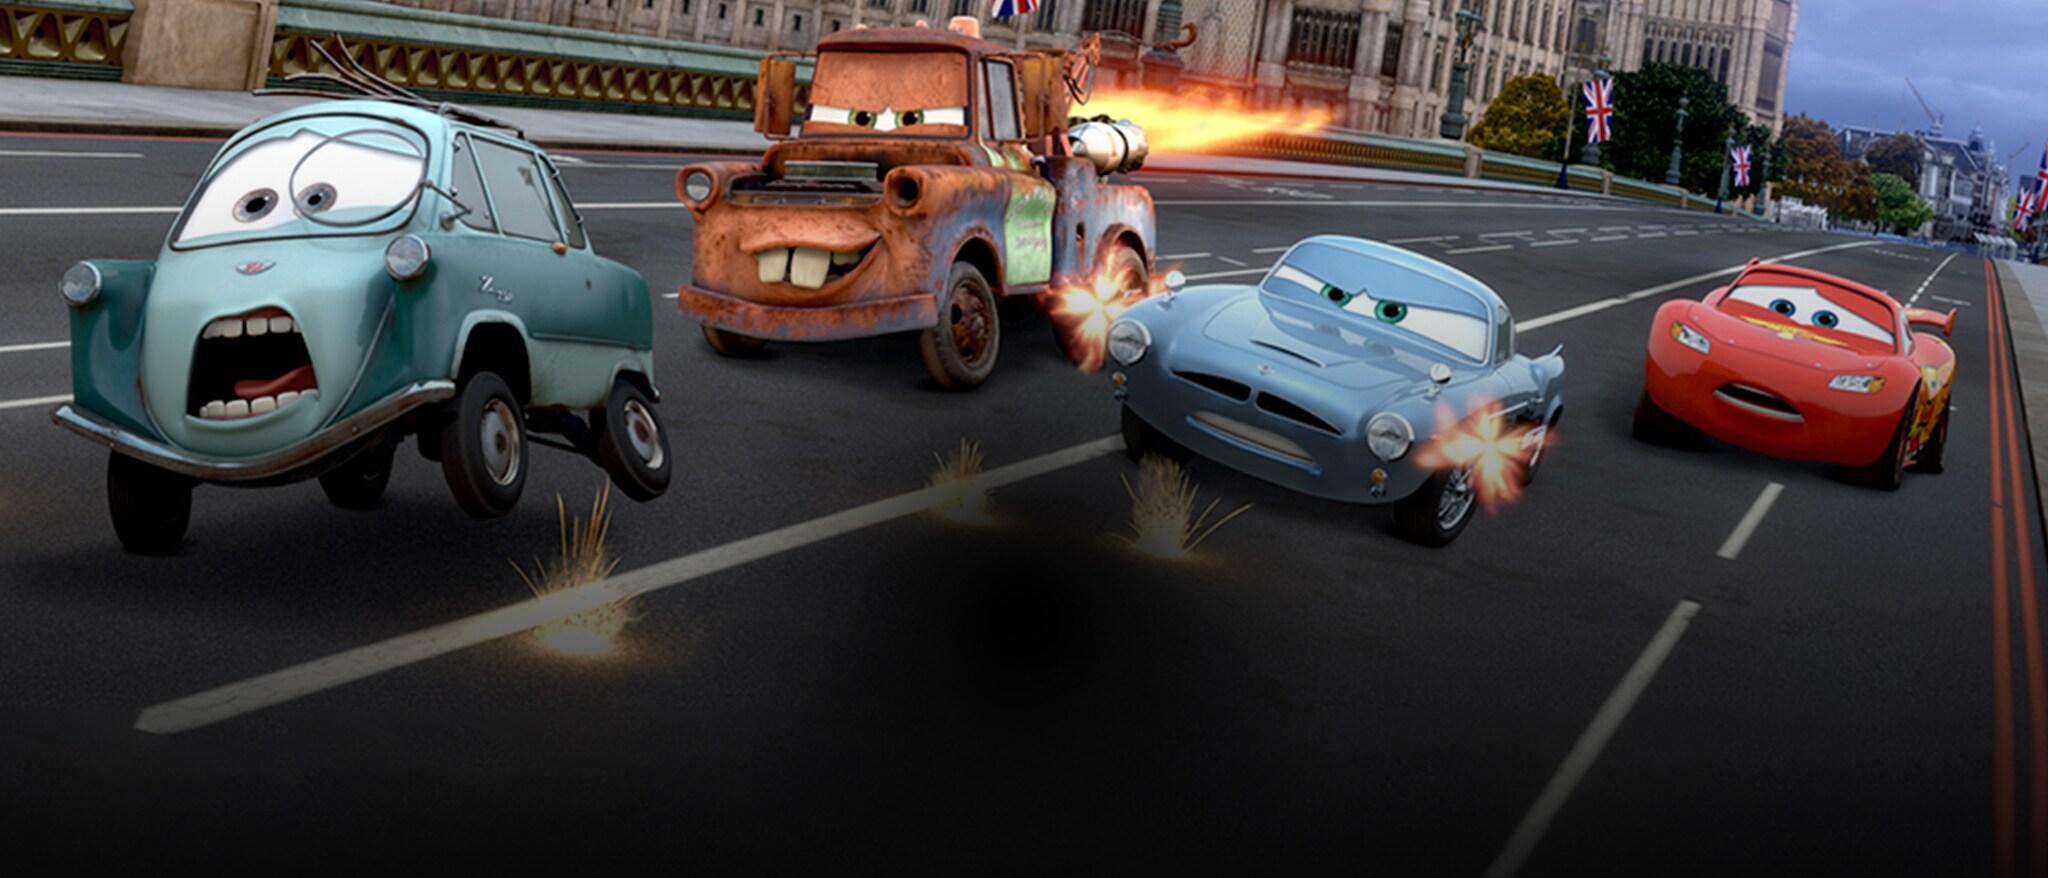 Cars 2 Hero